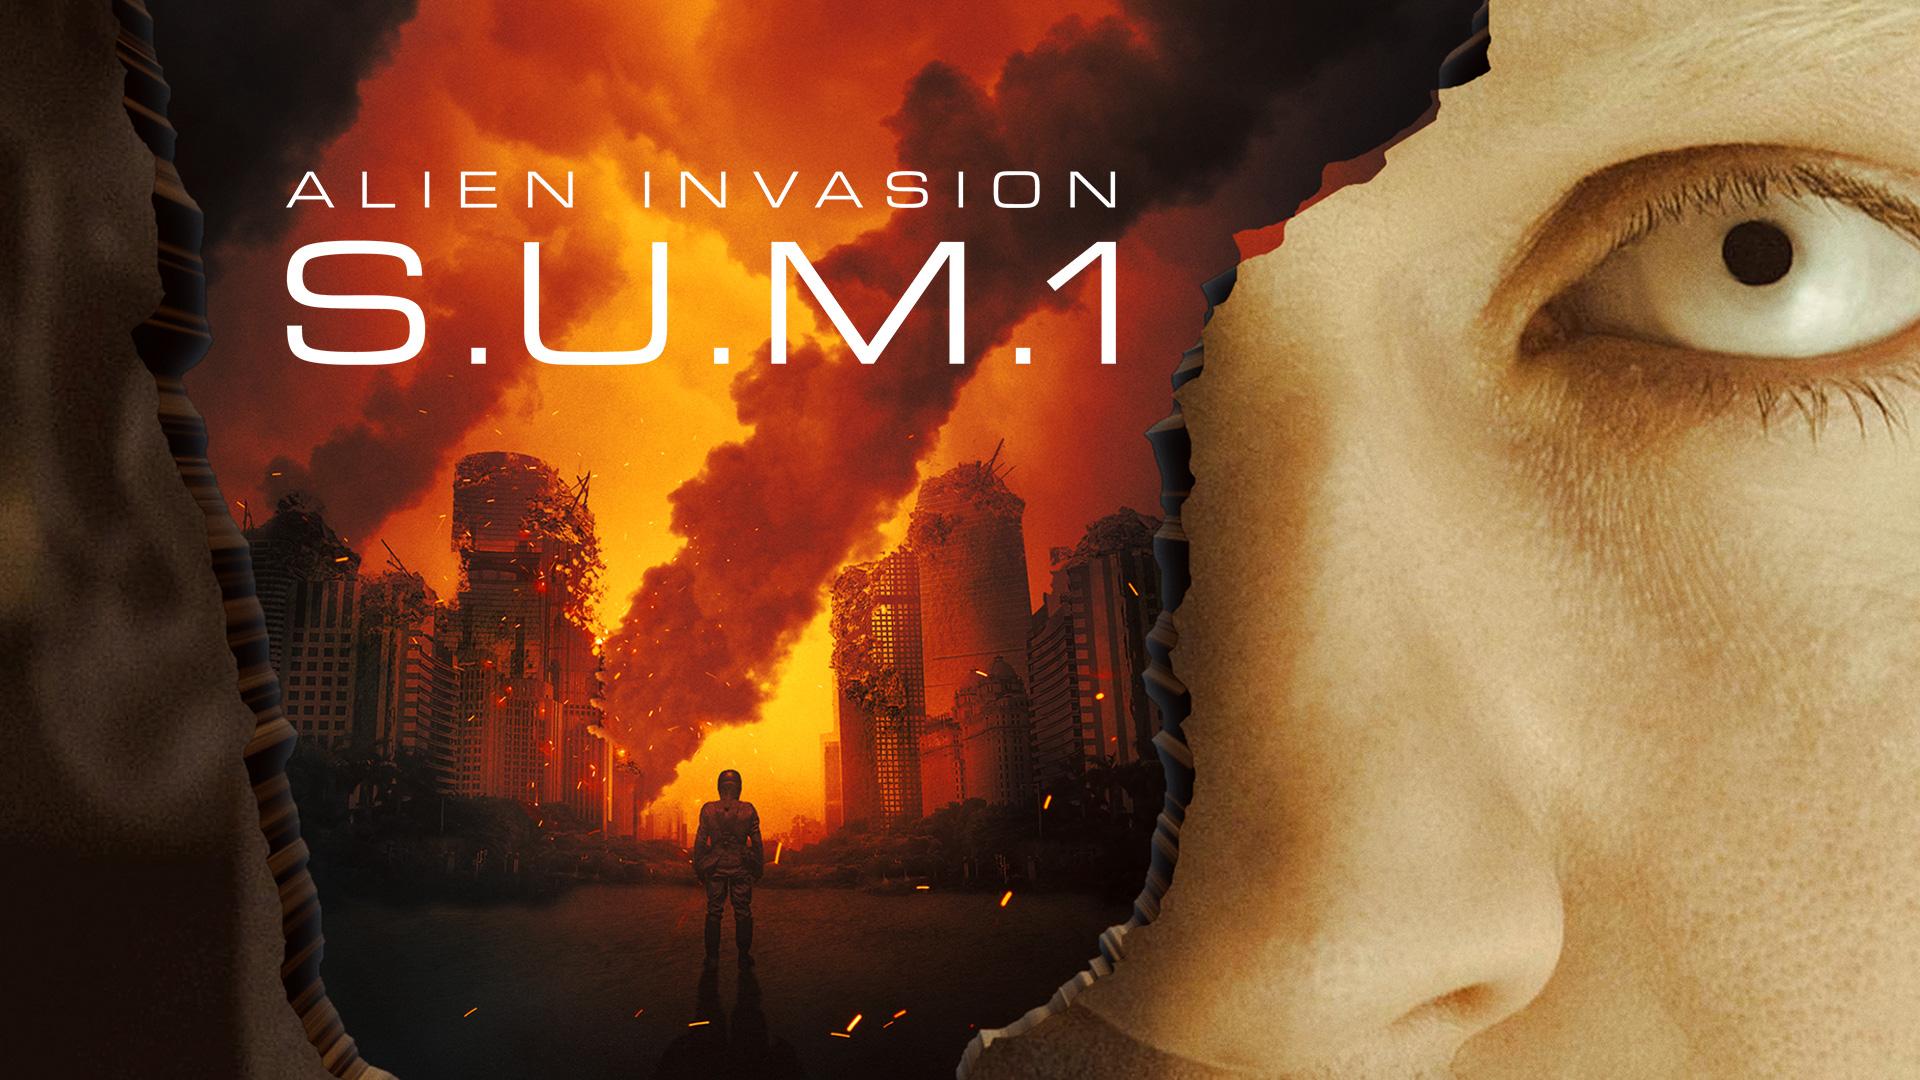 Alien Invasion: S.U.M1